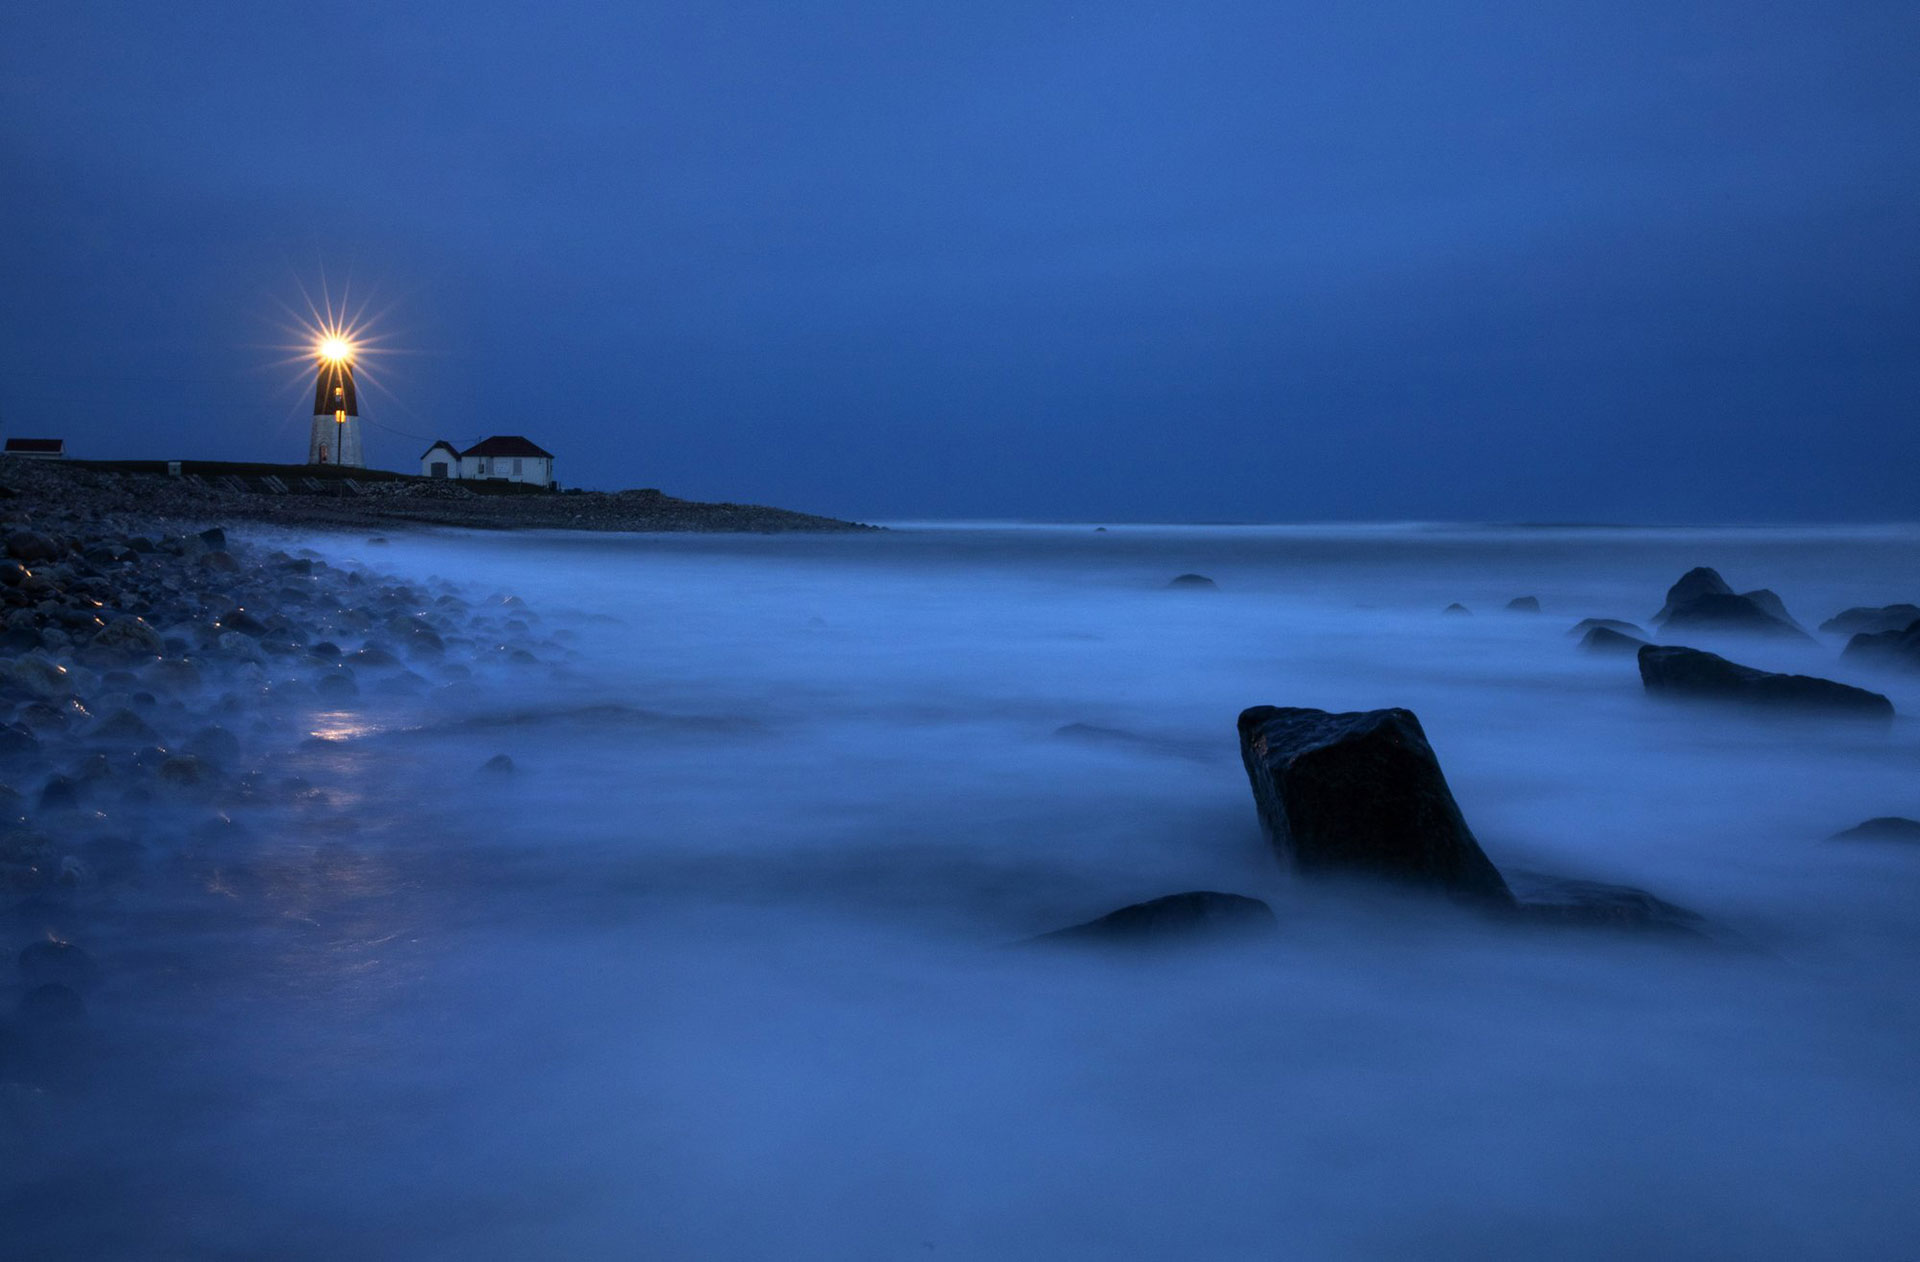 Las olas bañan las rocas cuando un faro de luz brilla a través de la costa rocosa desde el faro de Point Judith en Narragansett, Rhode Island, EEUU, el sábado 25 de abril de 2020. (Foto AP / David Goldman)